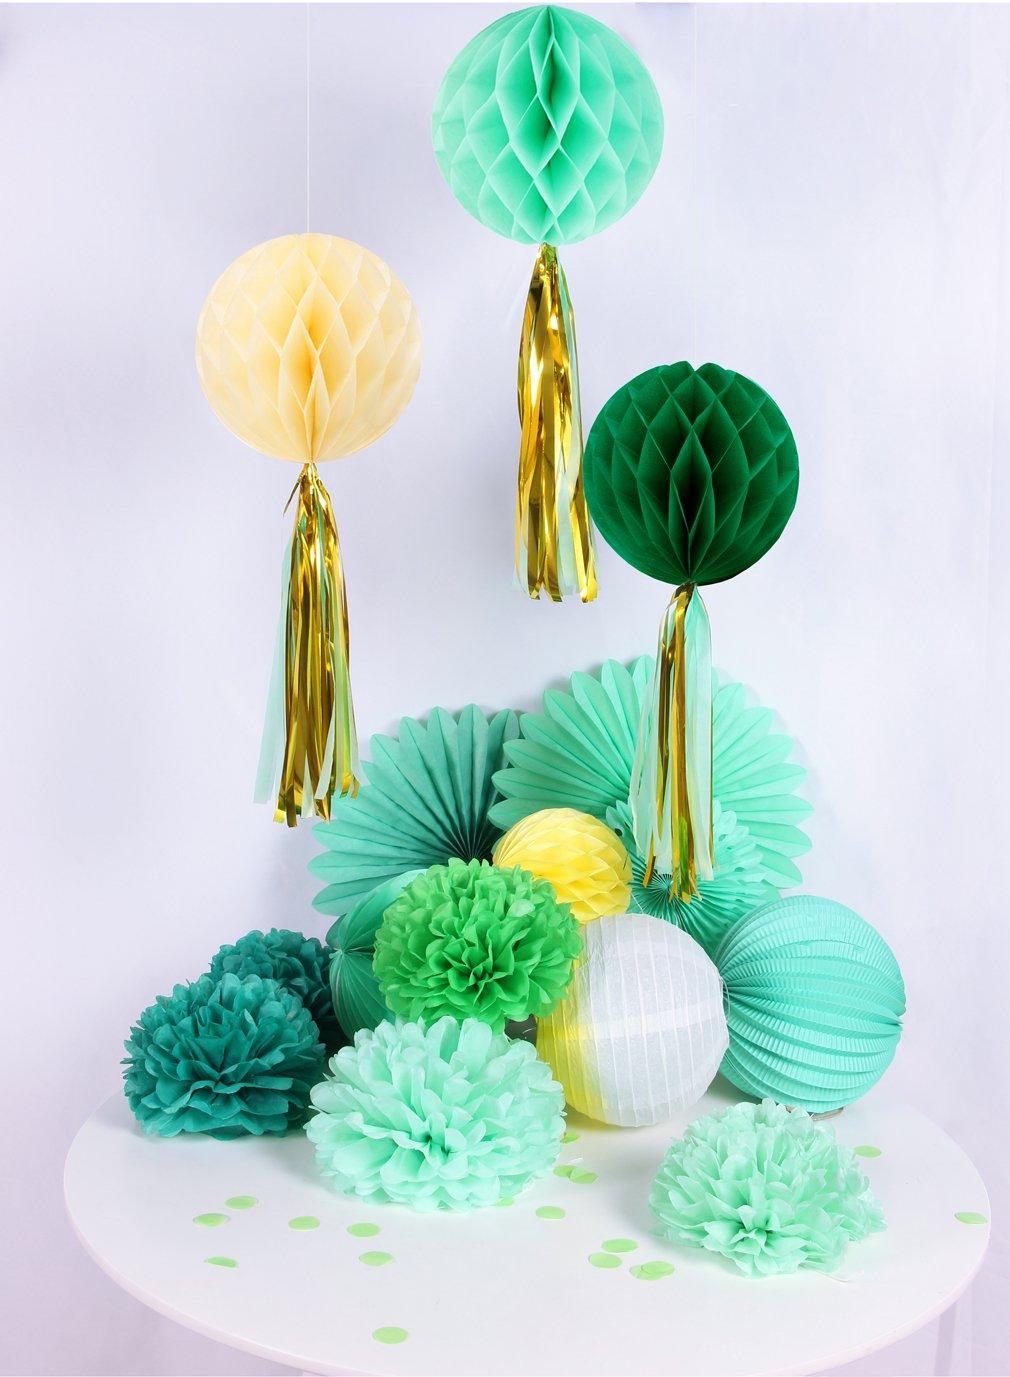 Easy Joy Decorazione da Camera, Pom Pom Fiore e Lanterna Carta, DIY Decorazione per Festa, Compleanno, Anniversario (17 Pezzi, Verde Giallo)